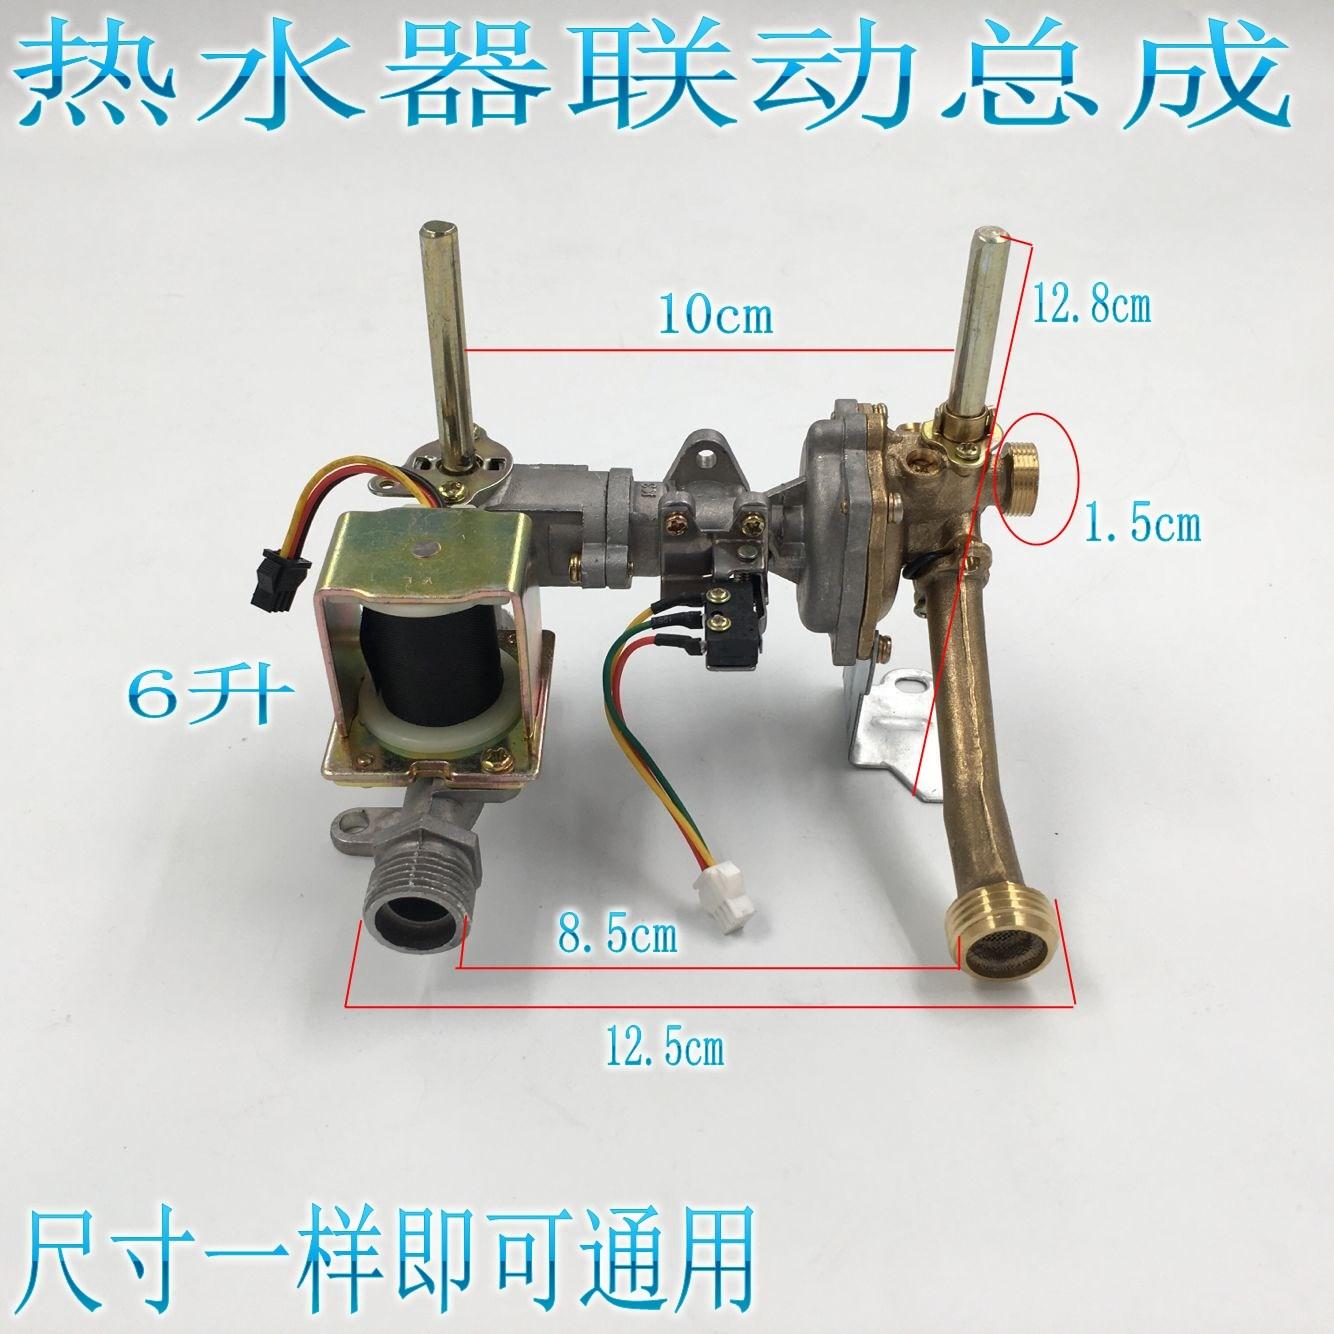 燃气热水器配件水气联动阀黑色皮膜水压膜水膜片橡胶橡皮膜图片